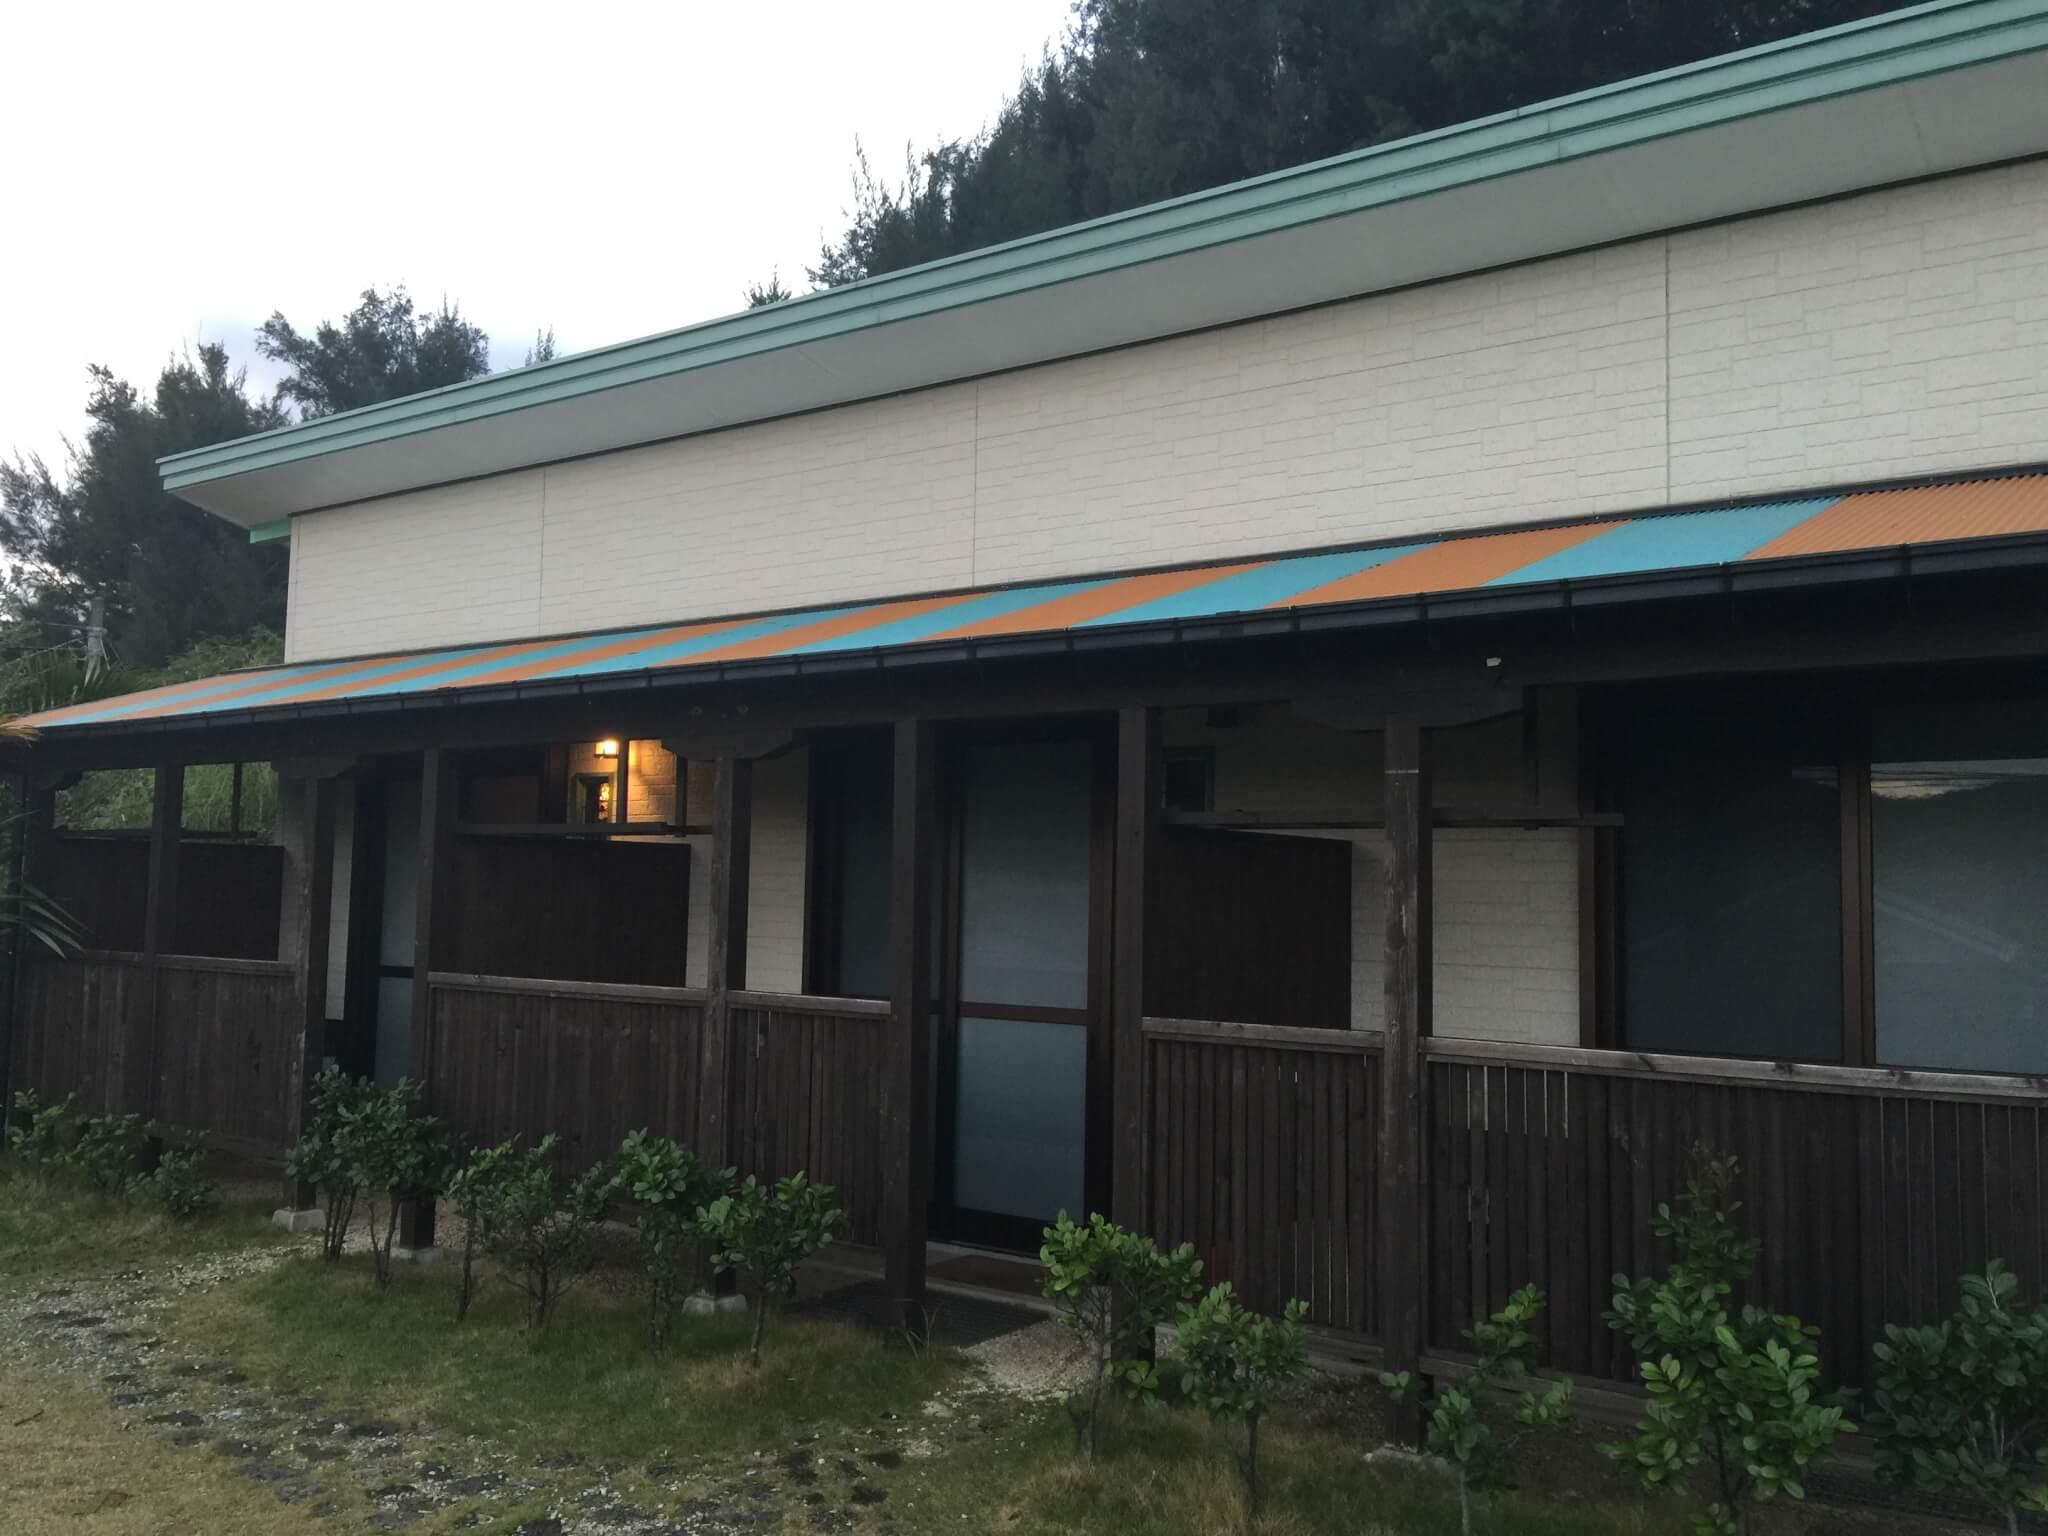 奄美大島ゲストハウスうふたさんのお部屋を外から見た写真